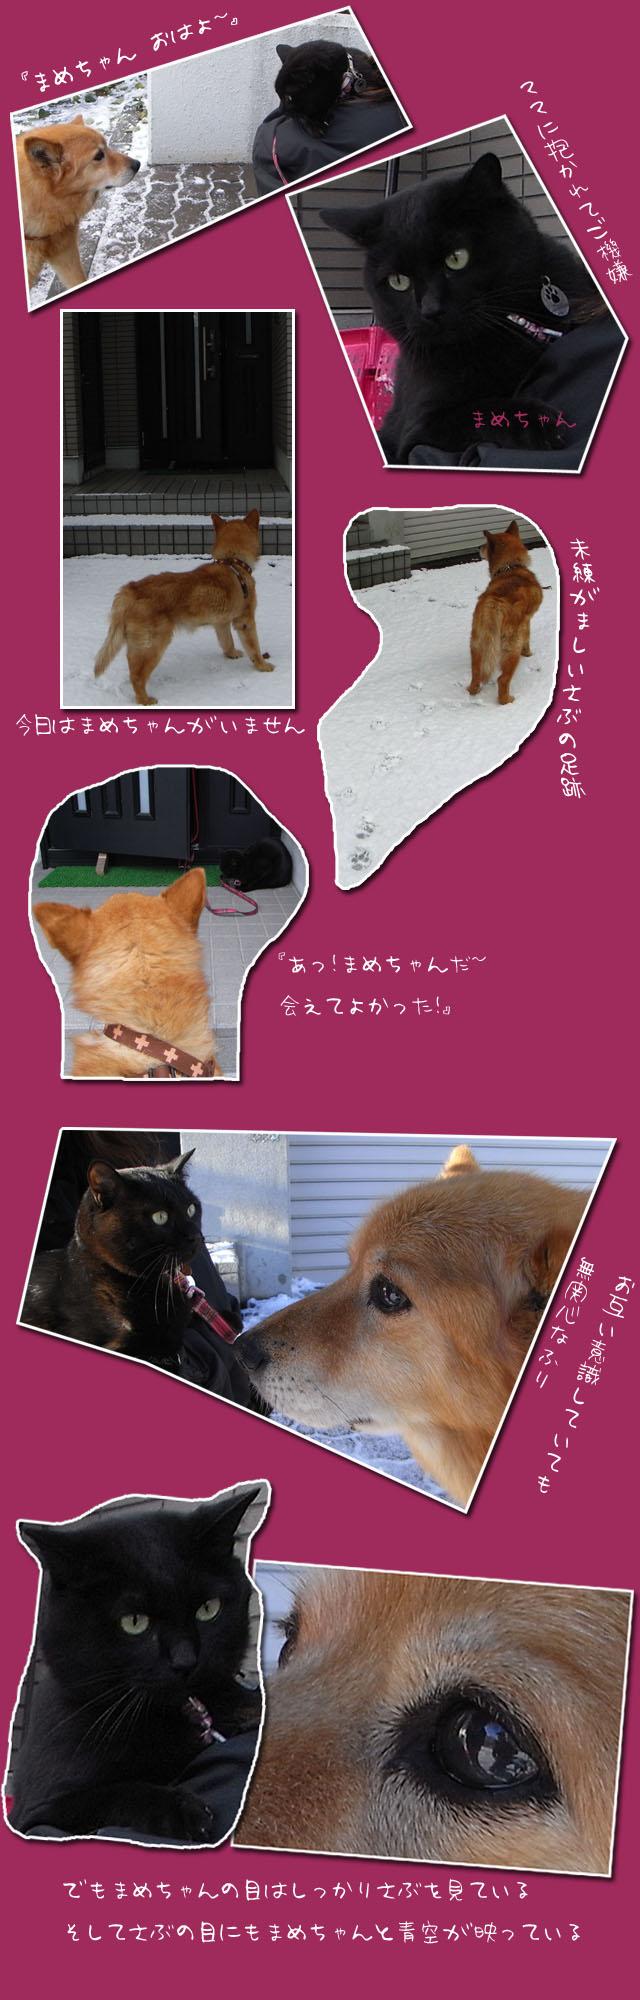 まめちゃんとサブの物語3_b0019313_18948100.jpg